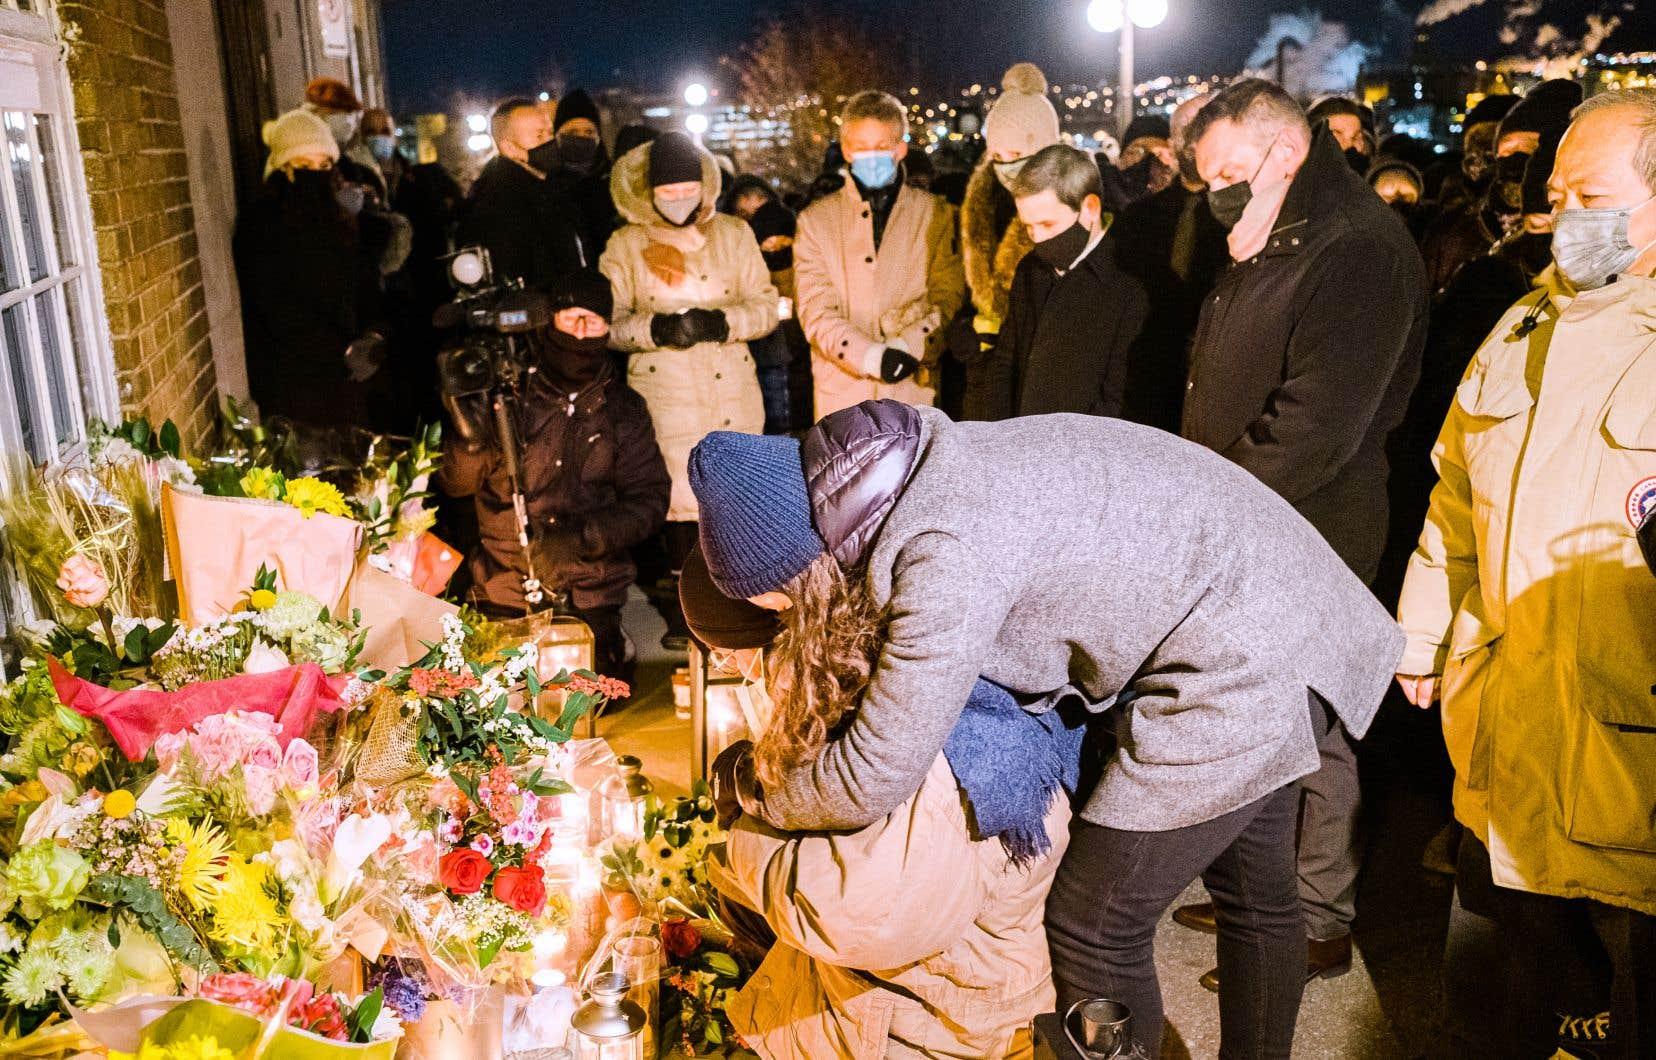 Julien Fortin, fils du conjoint de Suzanne Clermont, fait écouter un mot enregistré par son père et allume une chandelle lors de la vigie à la mémoire d'une des victimes de l'attaque.